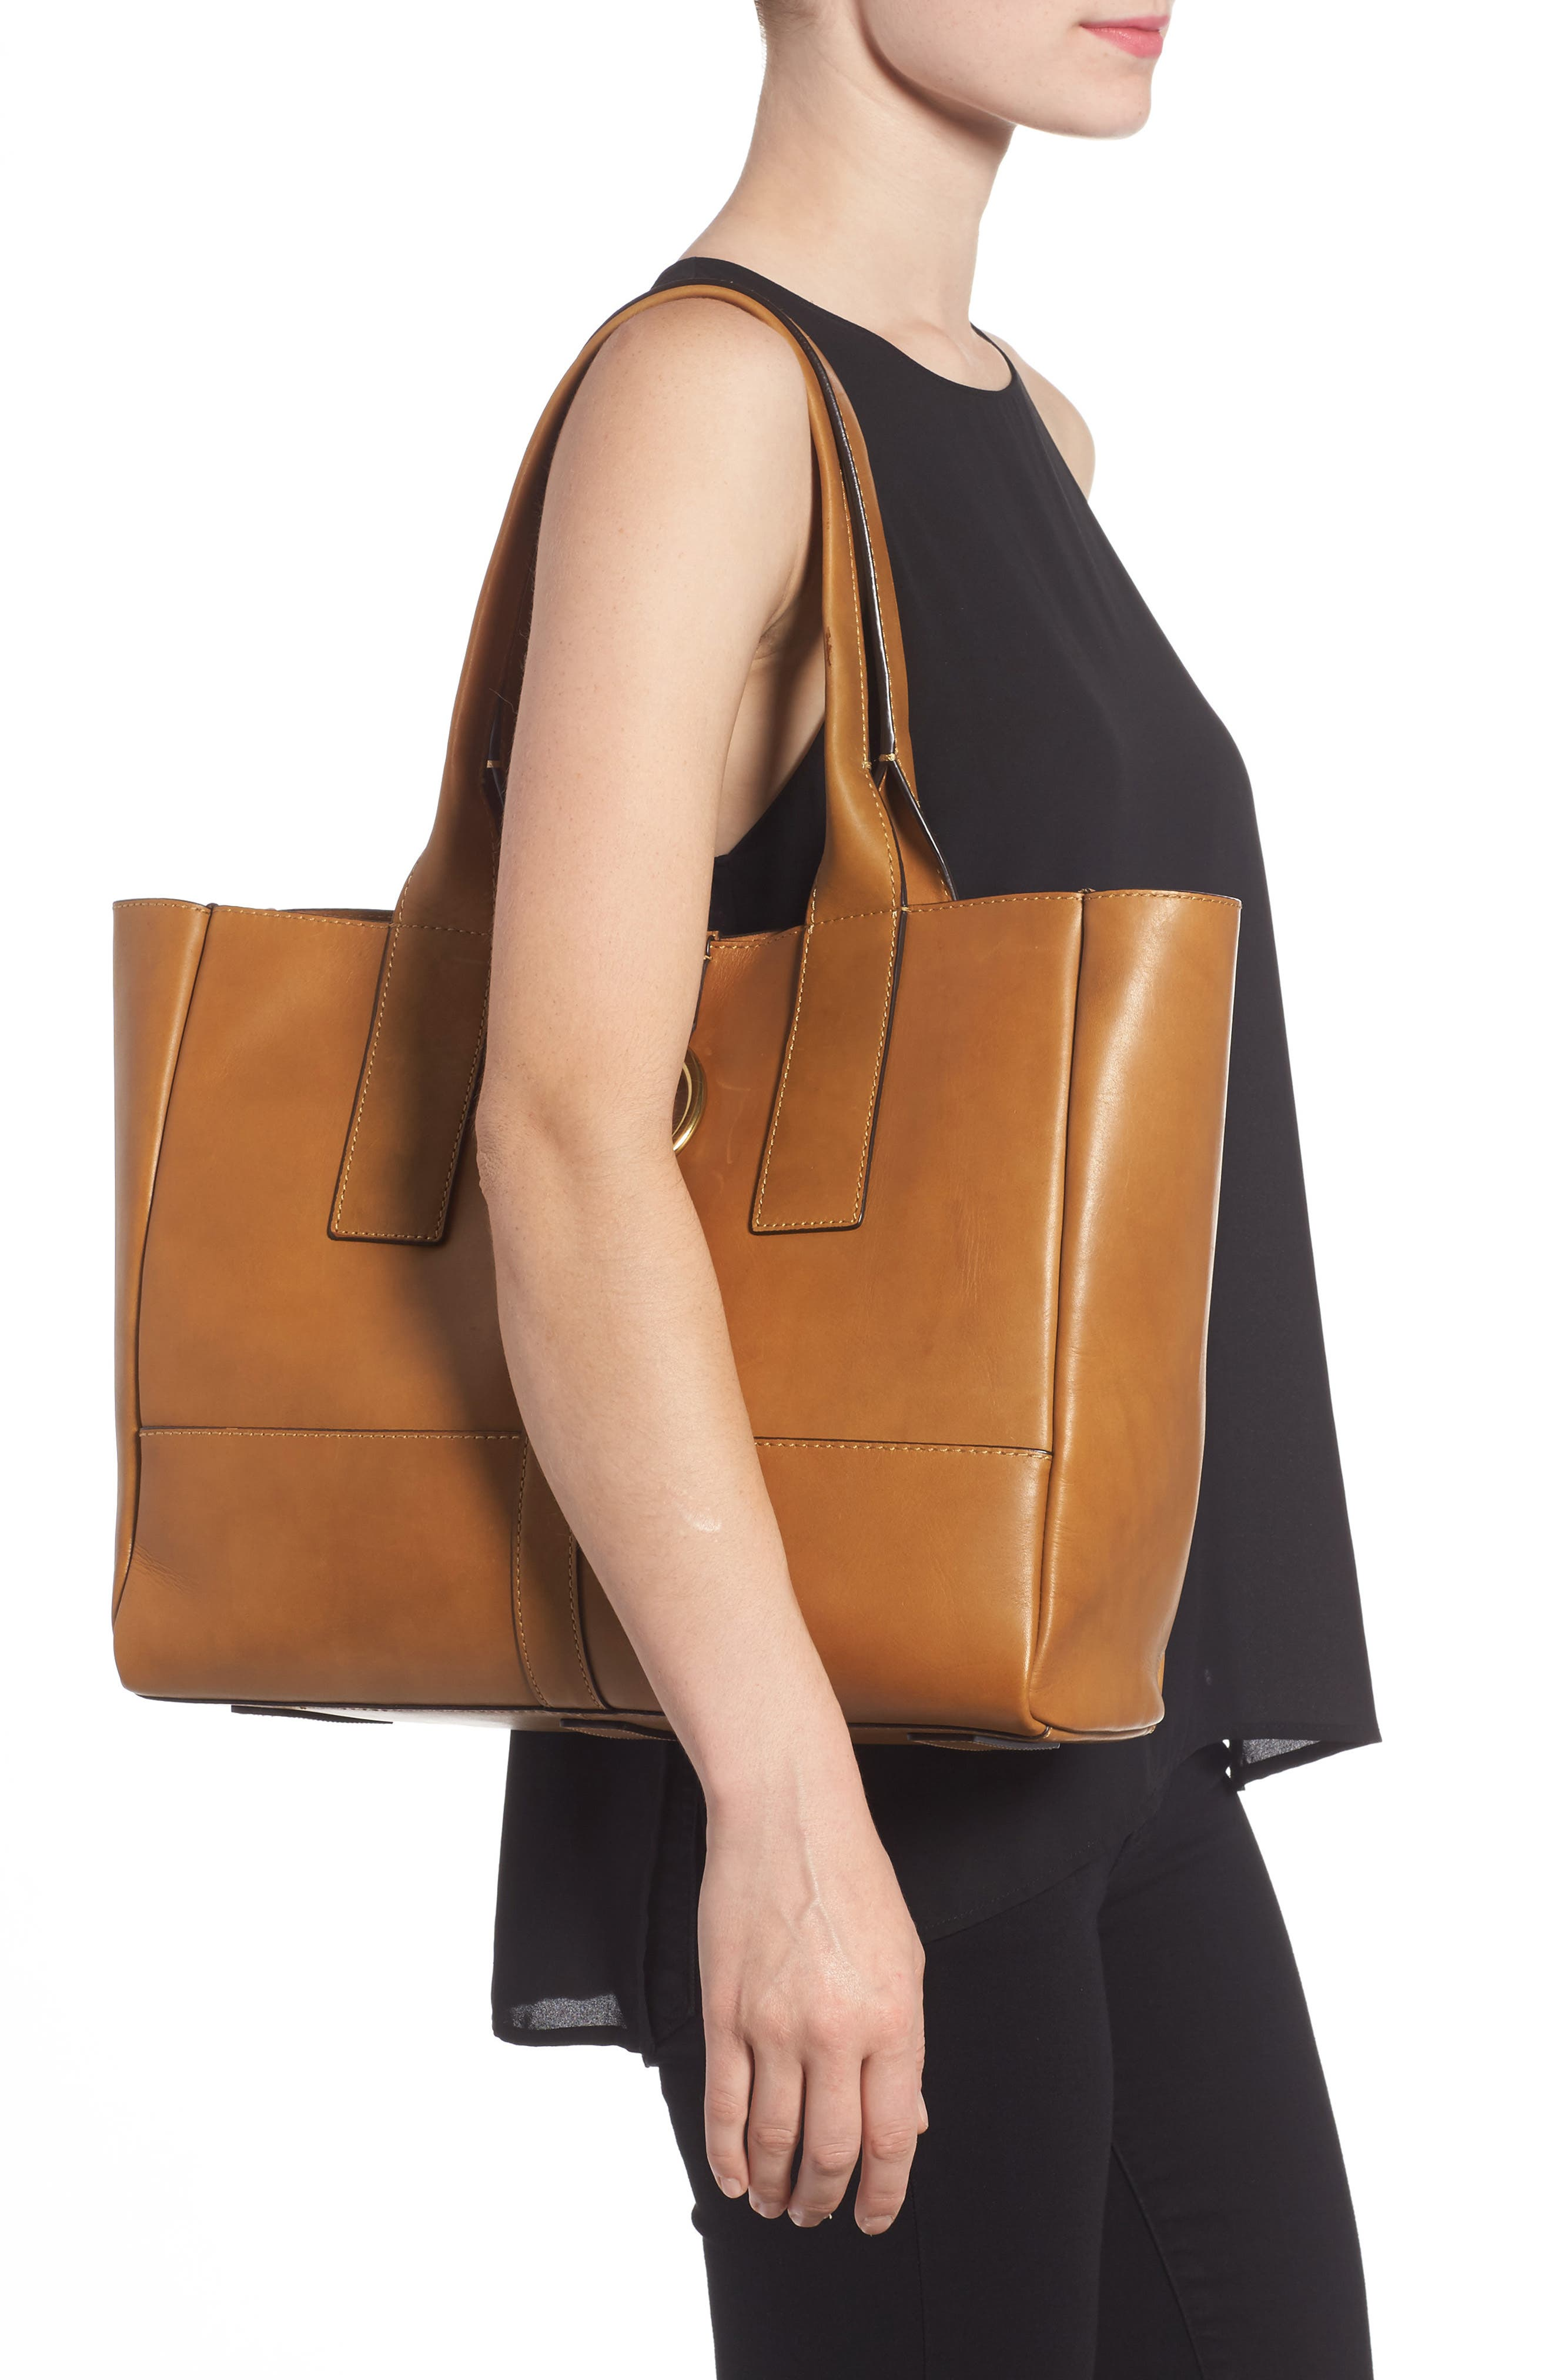 Ilana Harness Leather Shopper,                             Alternate thumbnail 2, color,                             Cognac